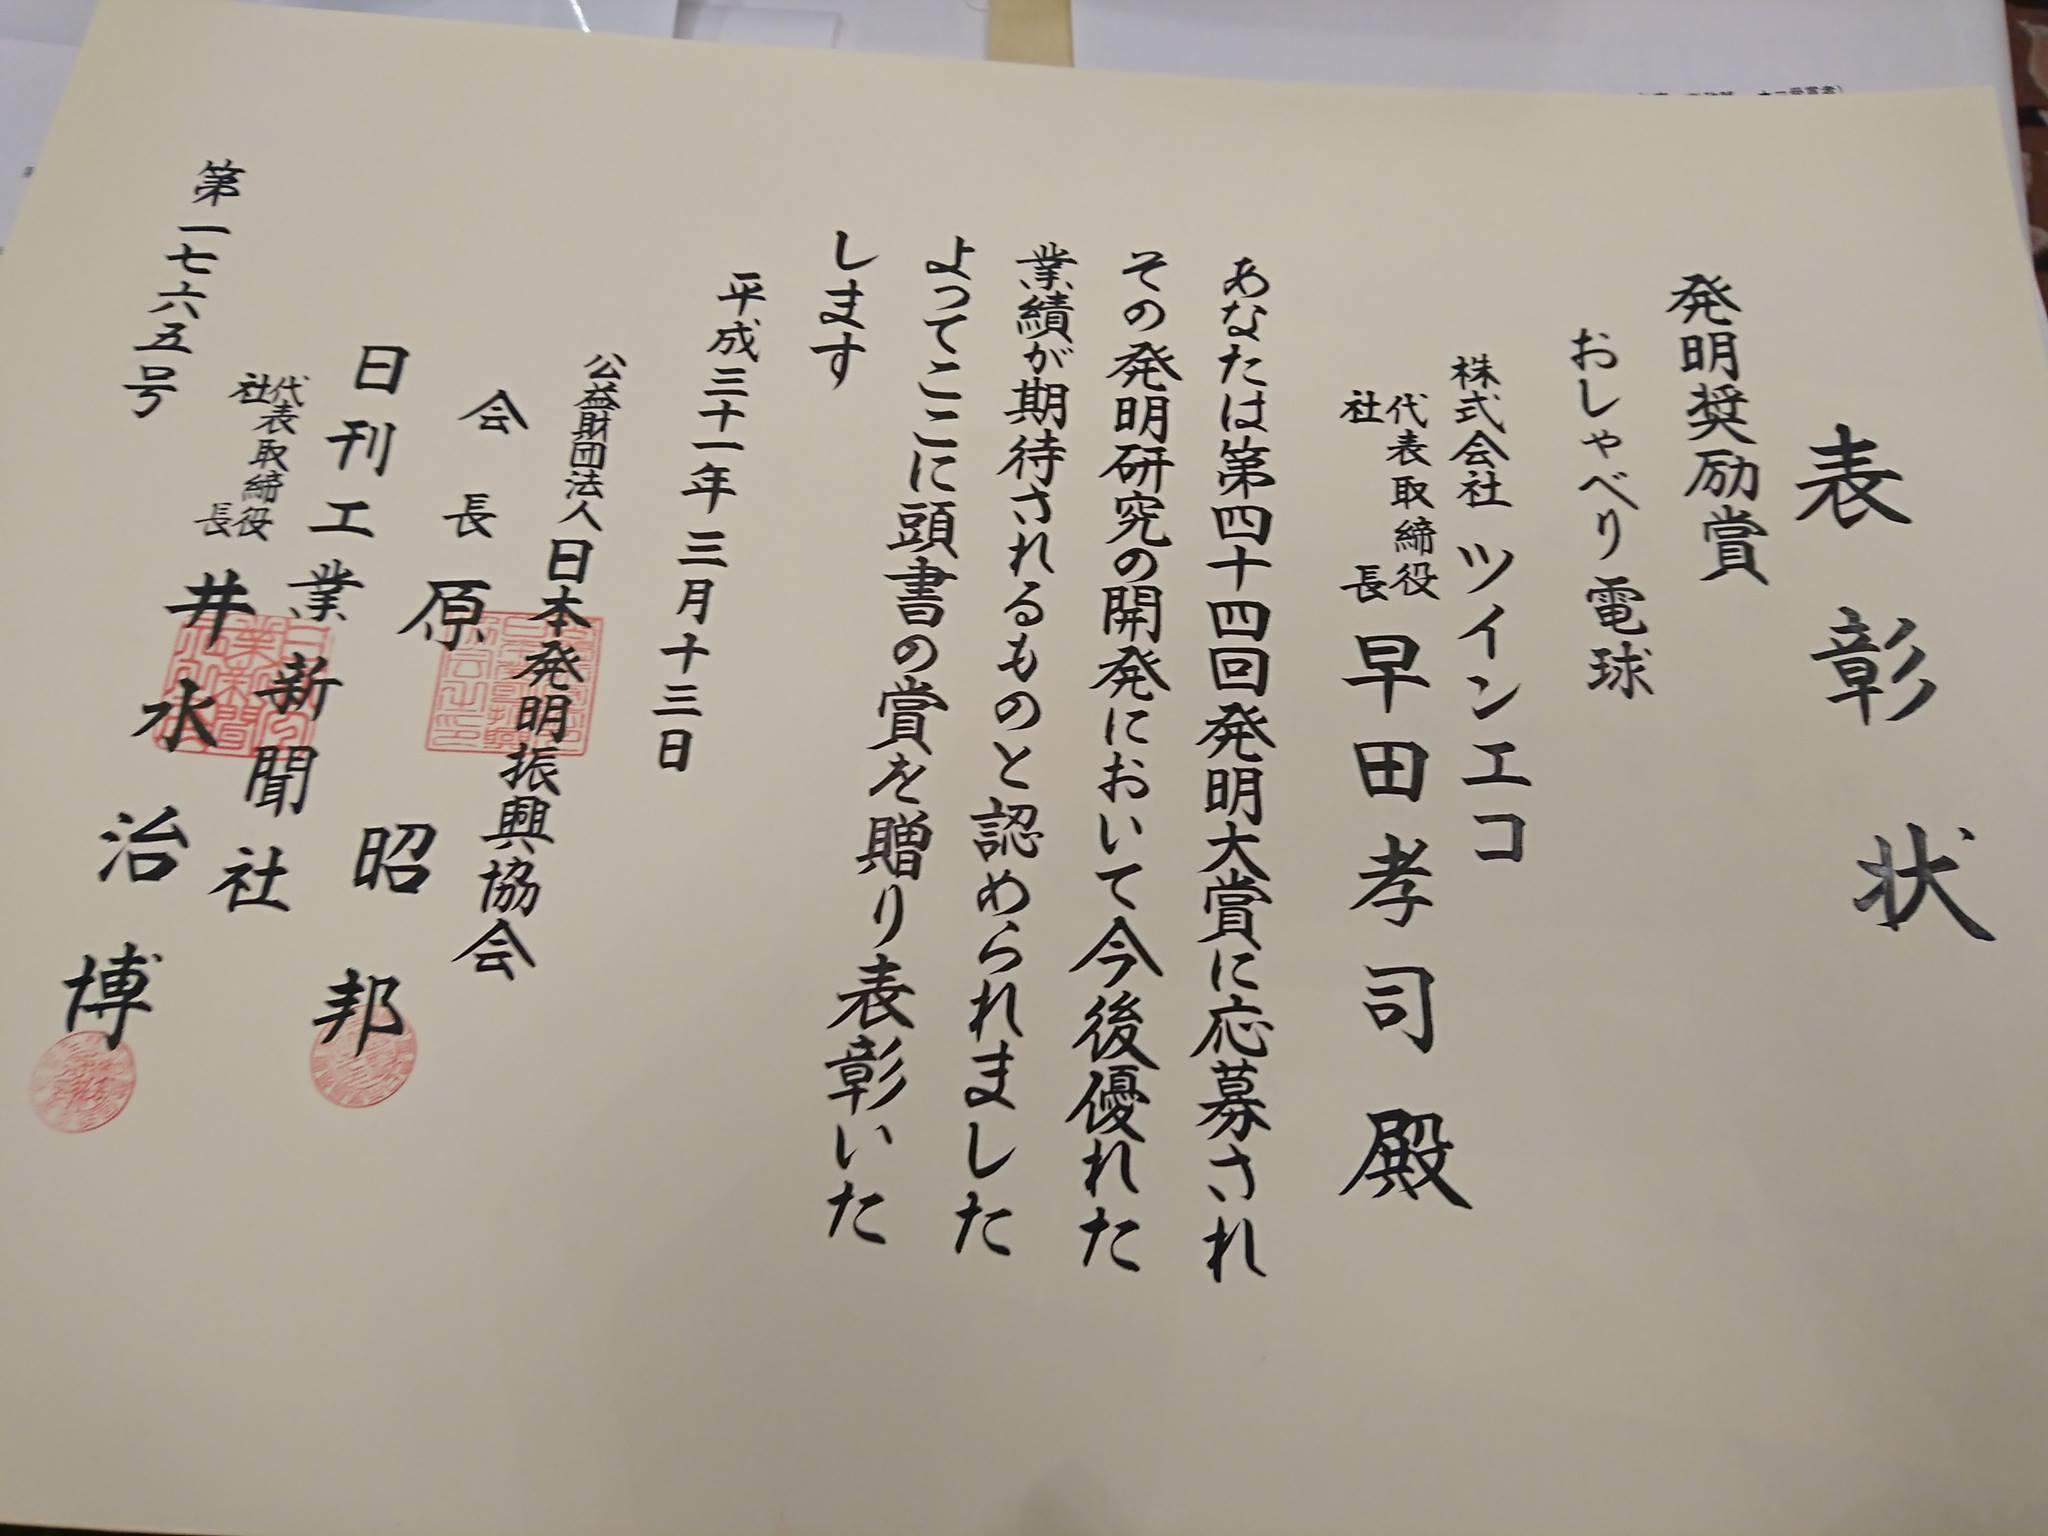 第44回発明大賞表彰式2019/3/13 at明治記念館 水平開きノートの中村社長にお会いしました